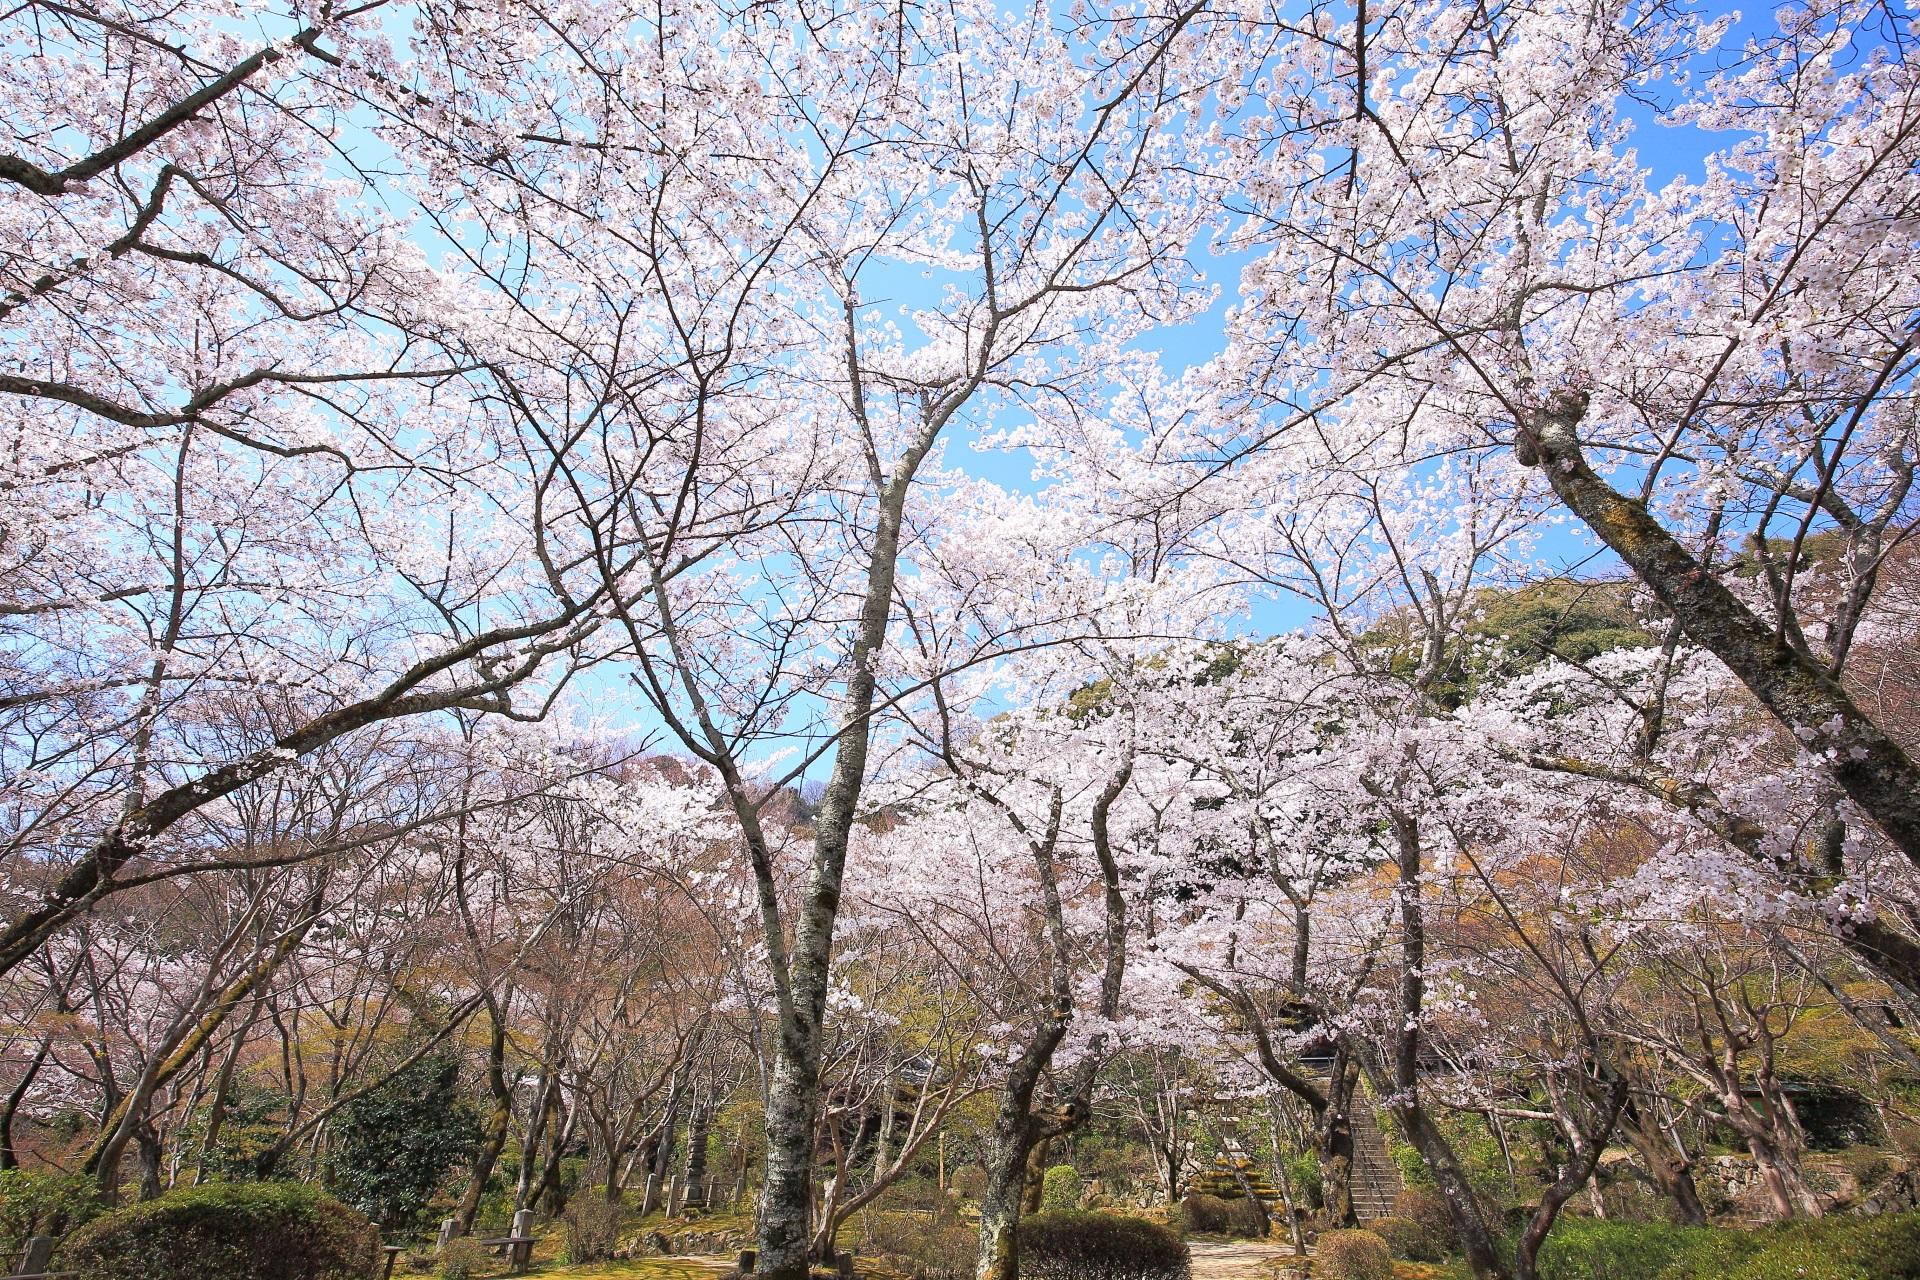 勝持寺の桜の天井